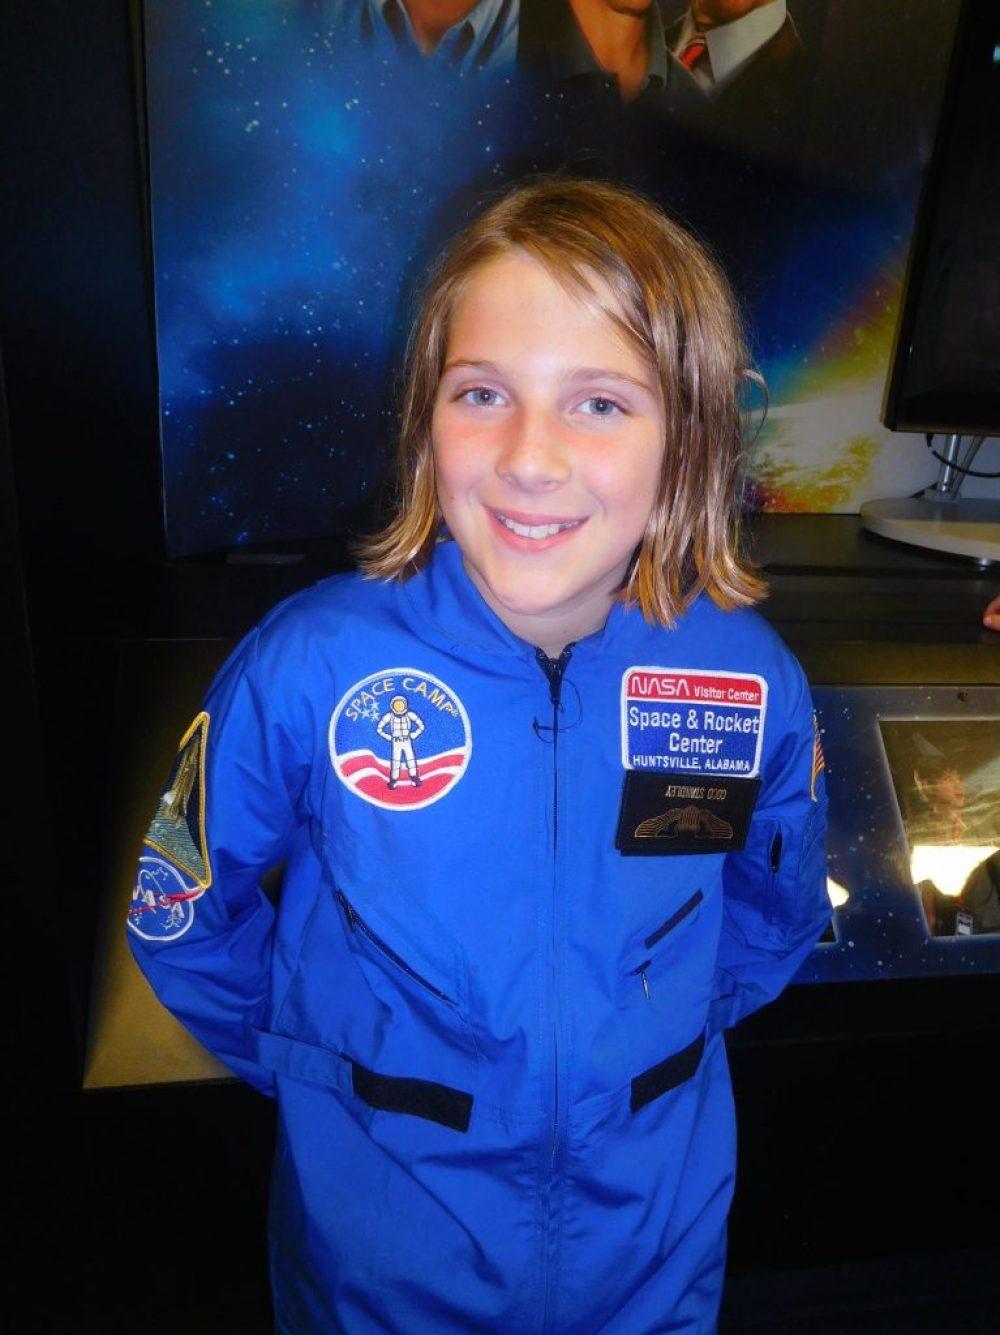 Space Camp Huntsville Alabama